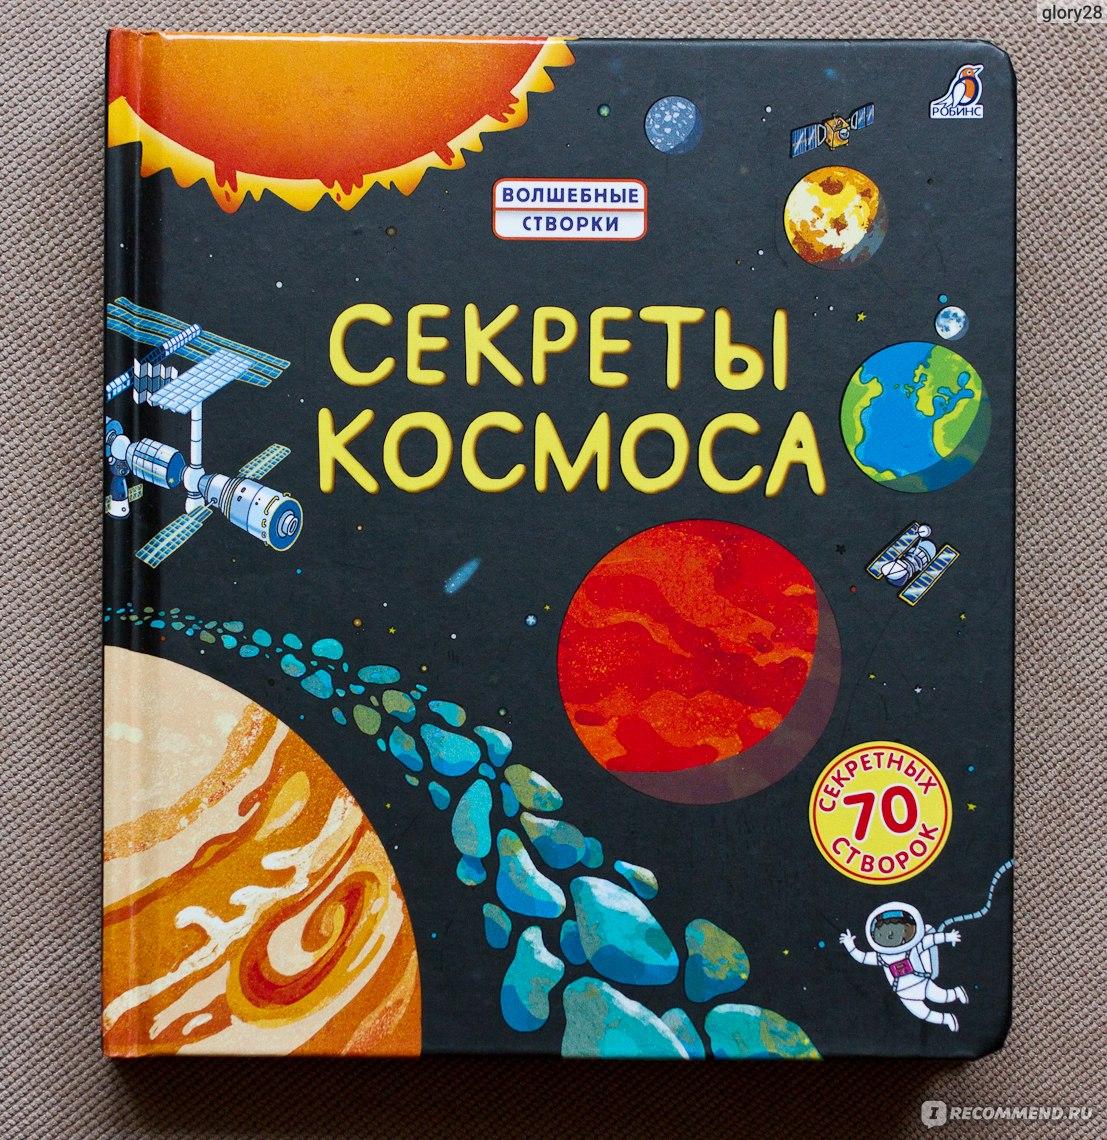 Любителям космоса подарок 12